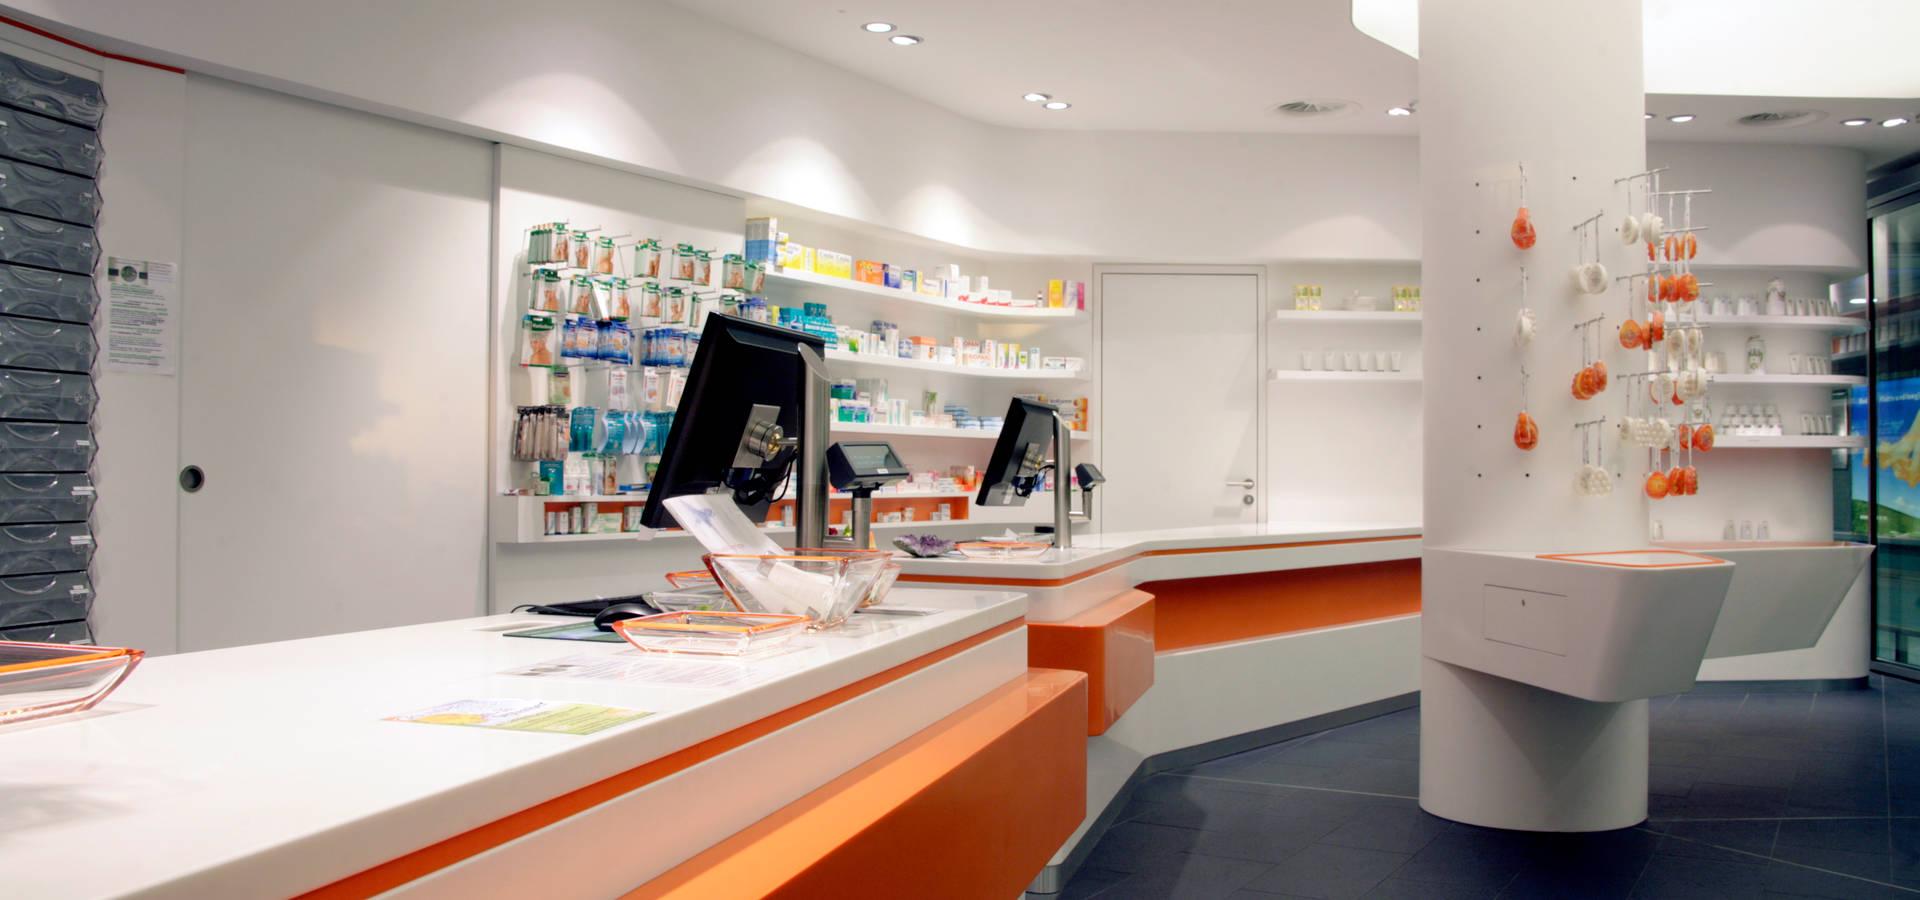 Biesel – Innenausbau, Schrankwände & barrierefreies Wohnen GmbH